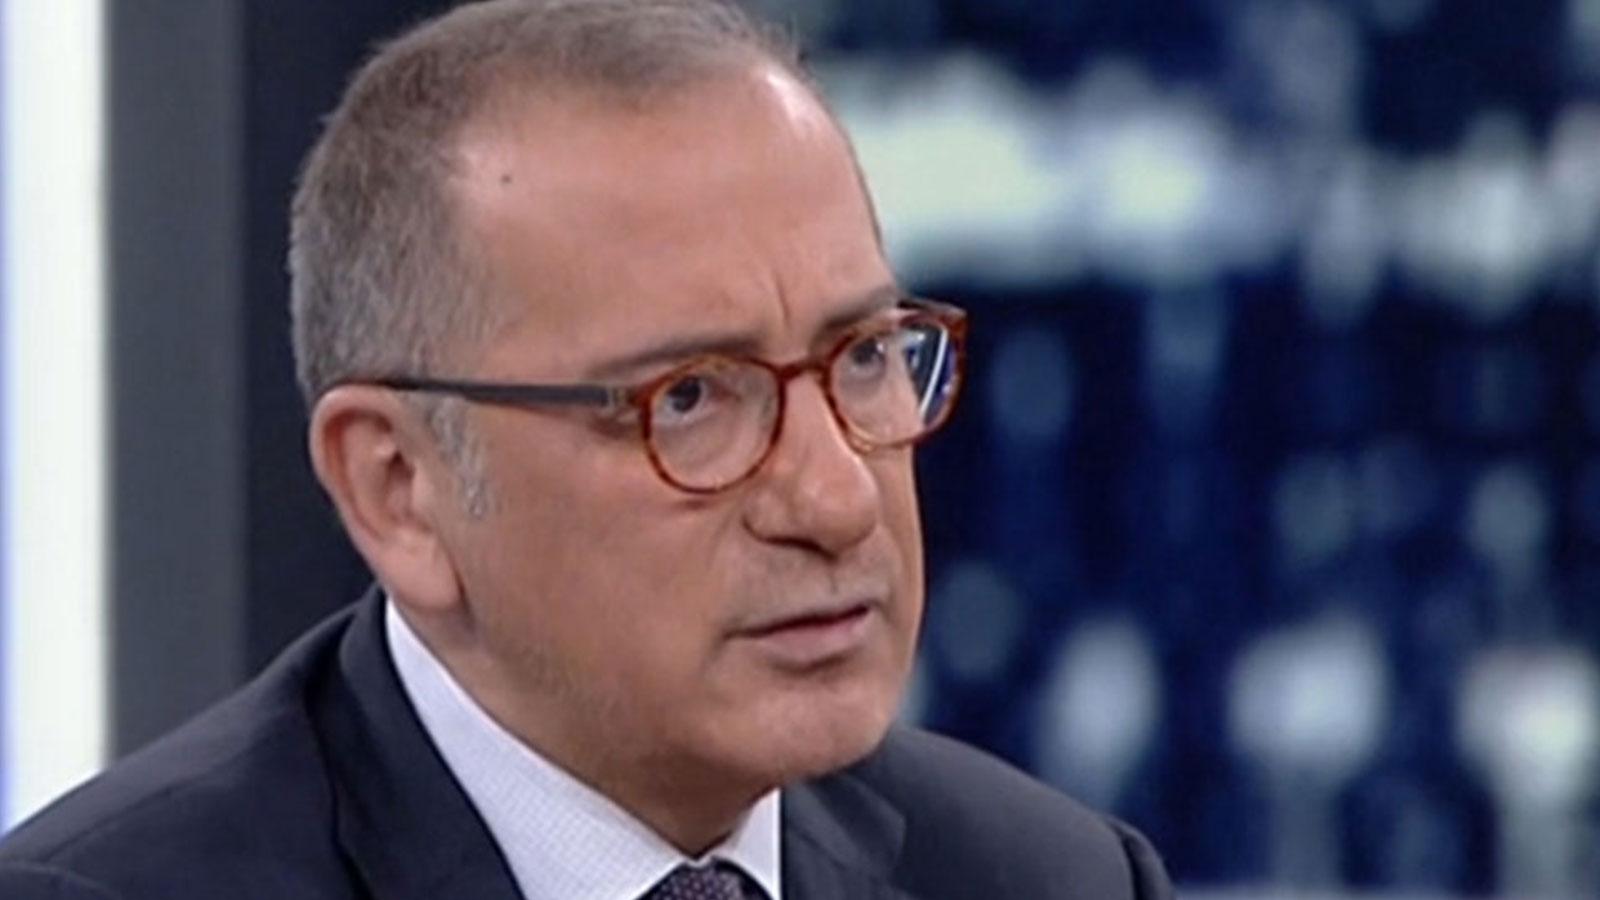 Fatih Altayli Dan Gsm Sirketlerine Elestiri Su Kadarcik Bir